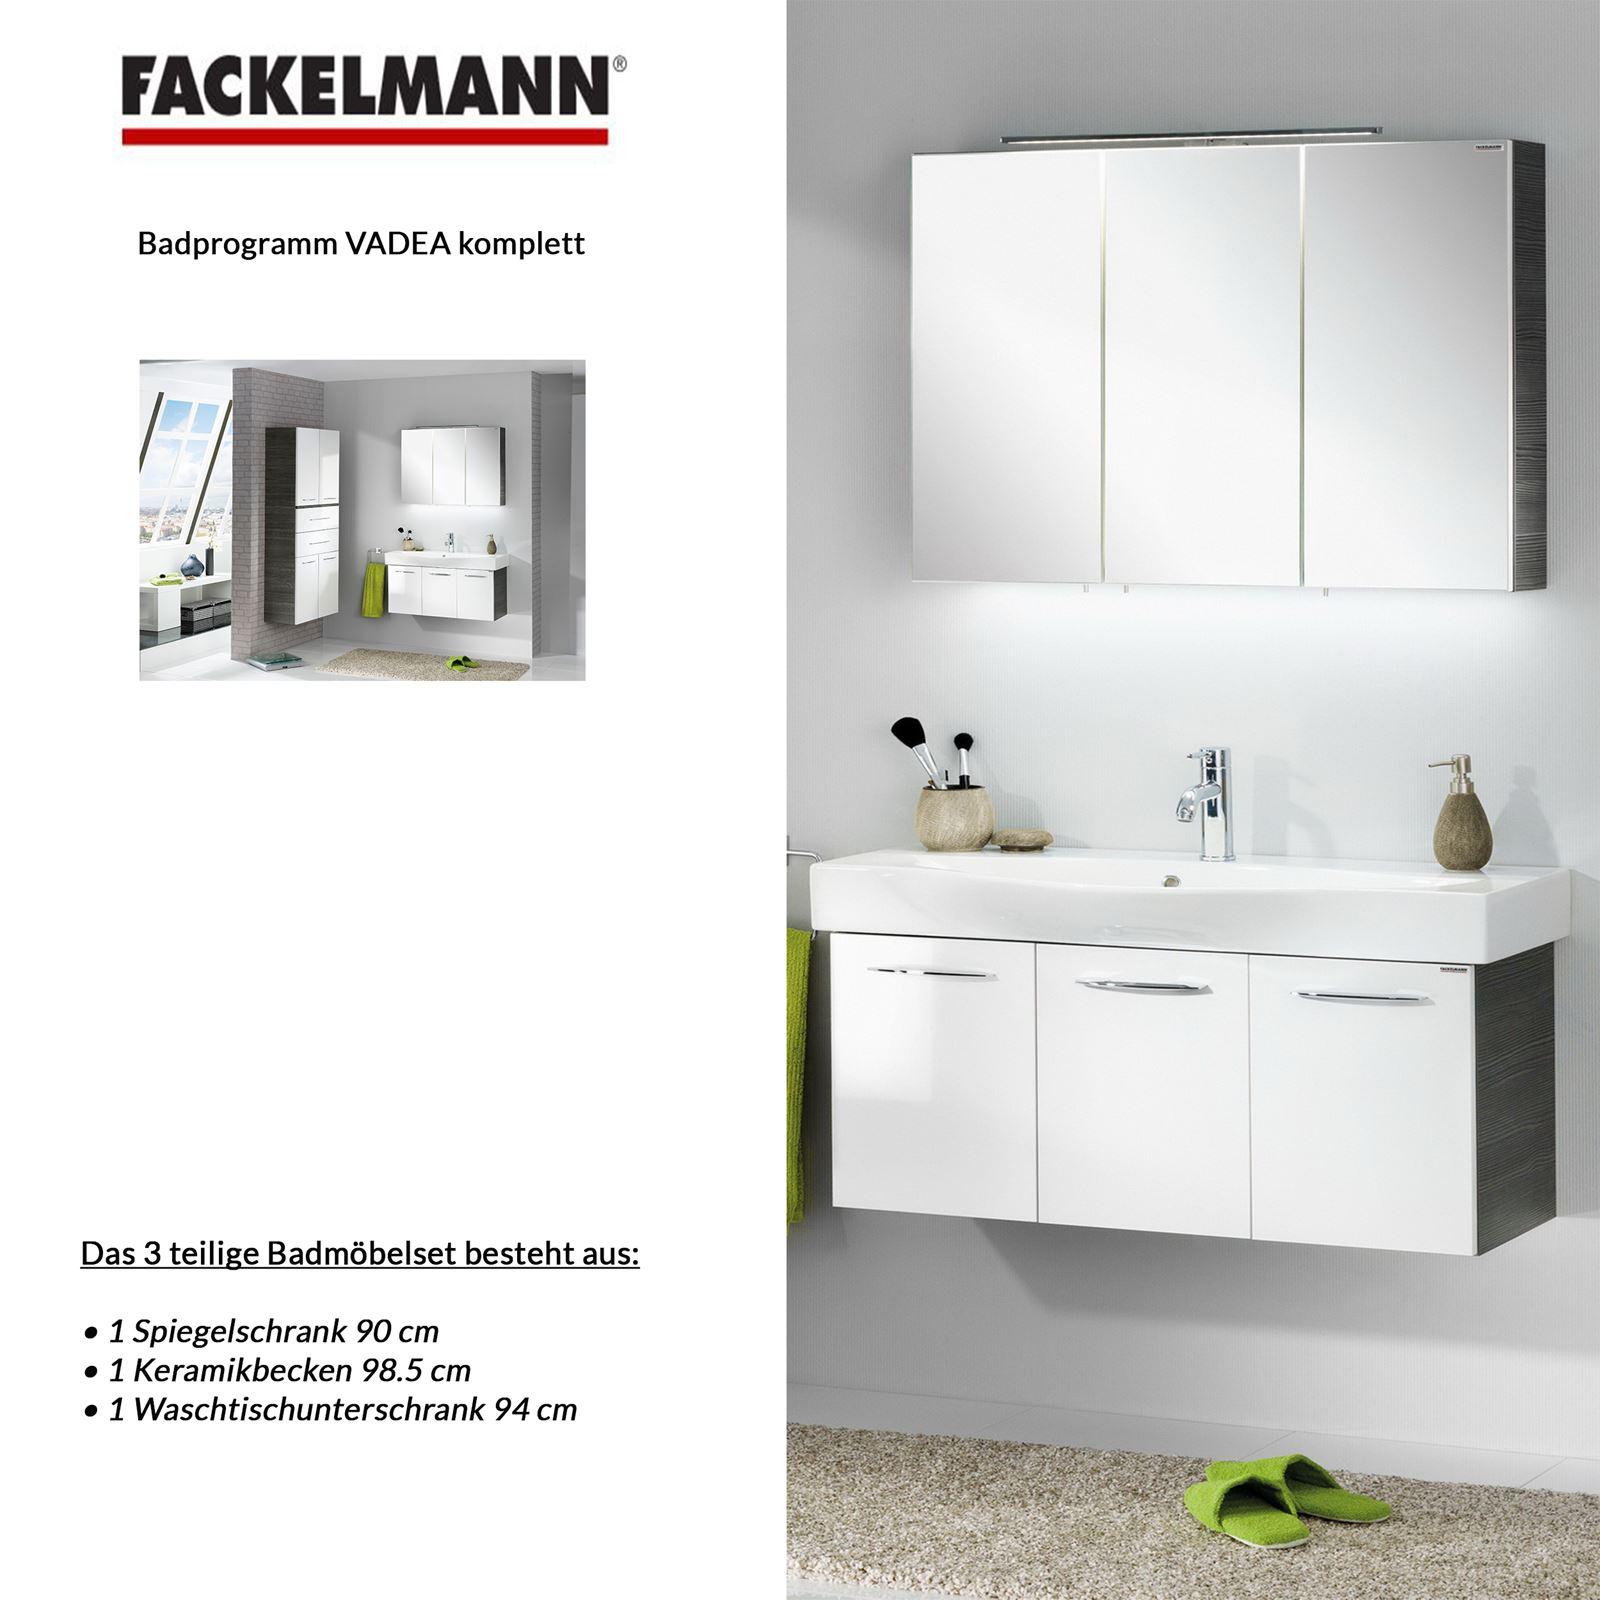 fackelmann badm bel set vadea 3 tlg 90 cm anthrazit wei inkl led spiegelschrank mm comsale. Black Bedroom Furniture Sets. Home Design Ideas